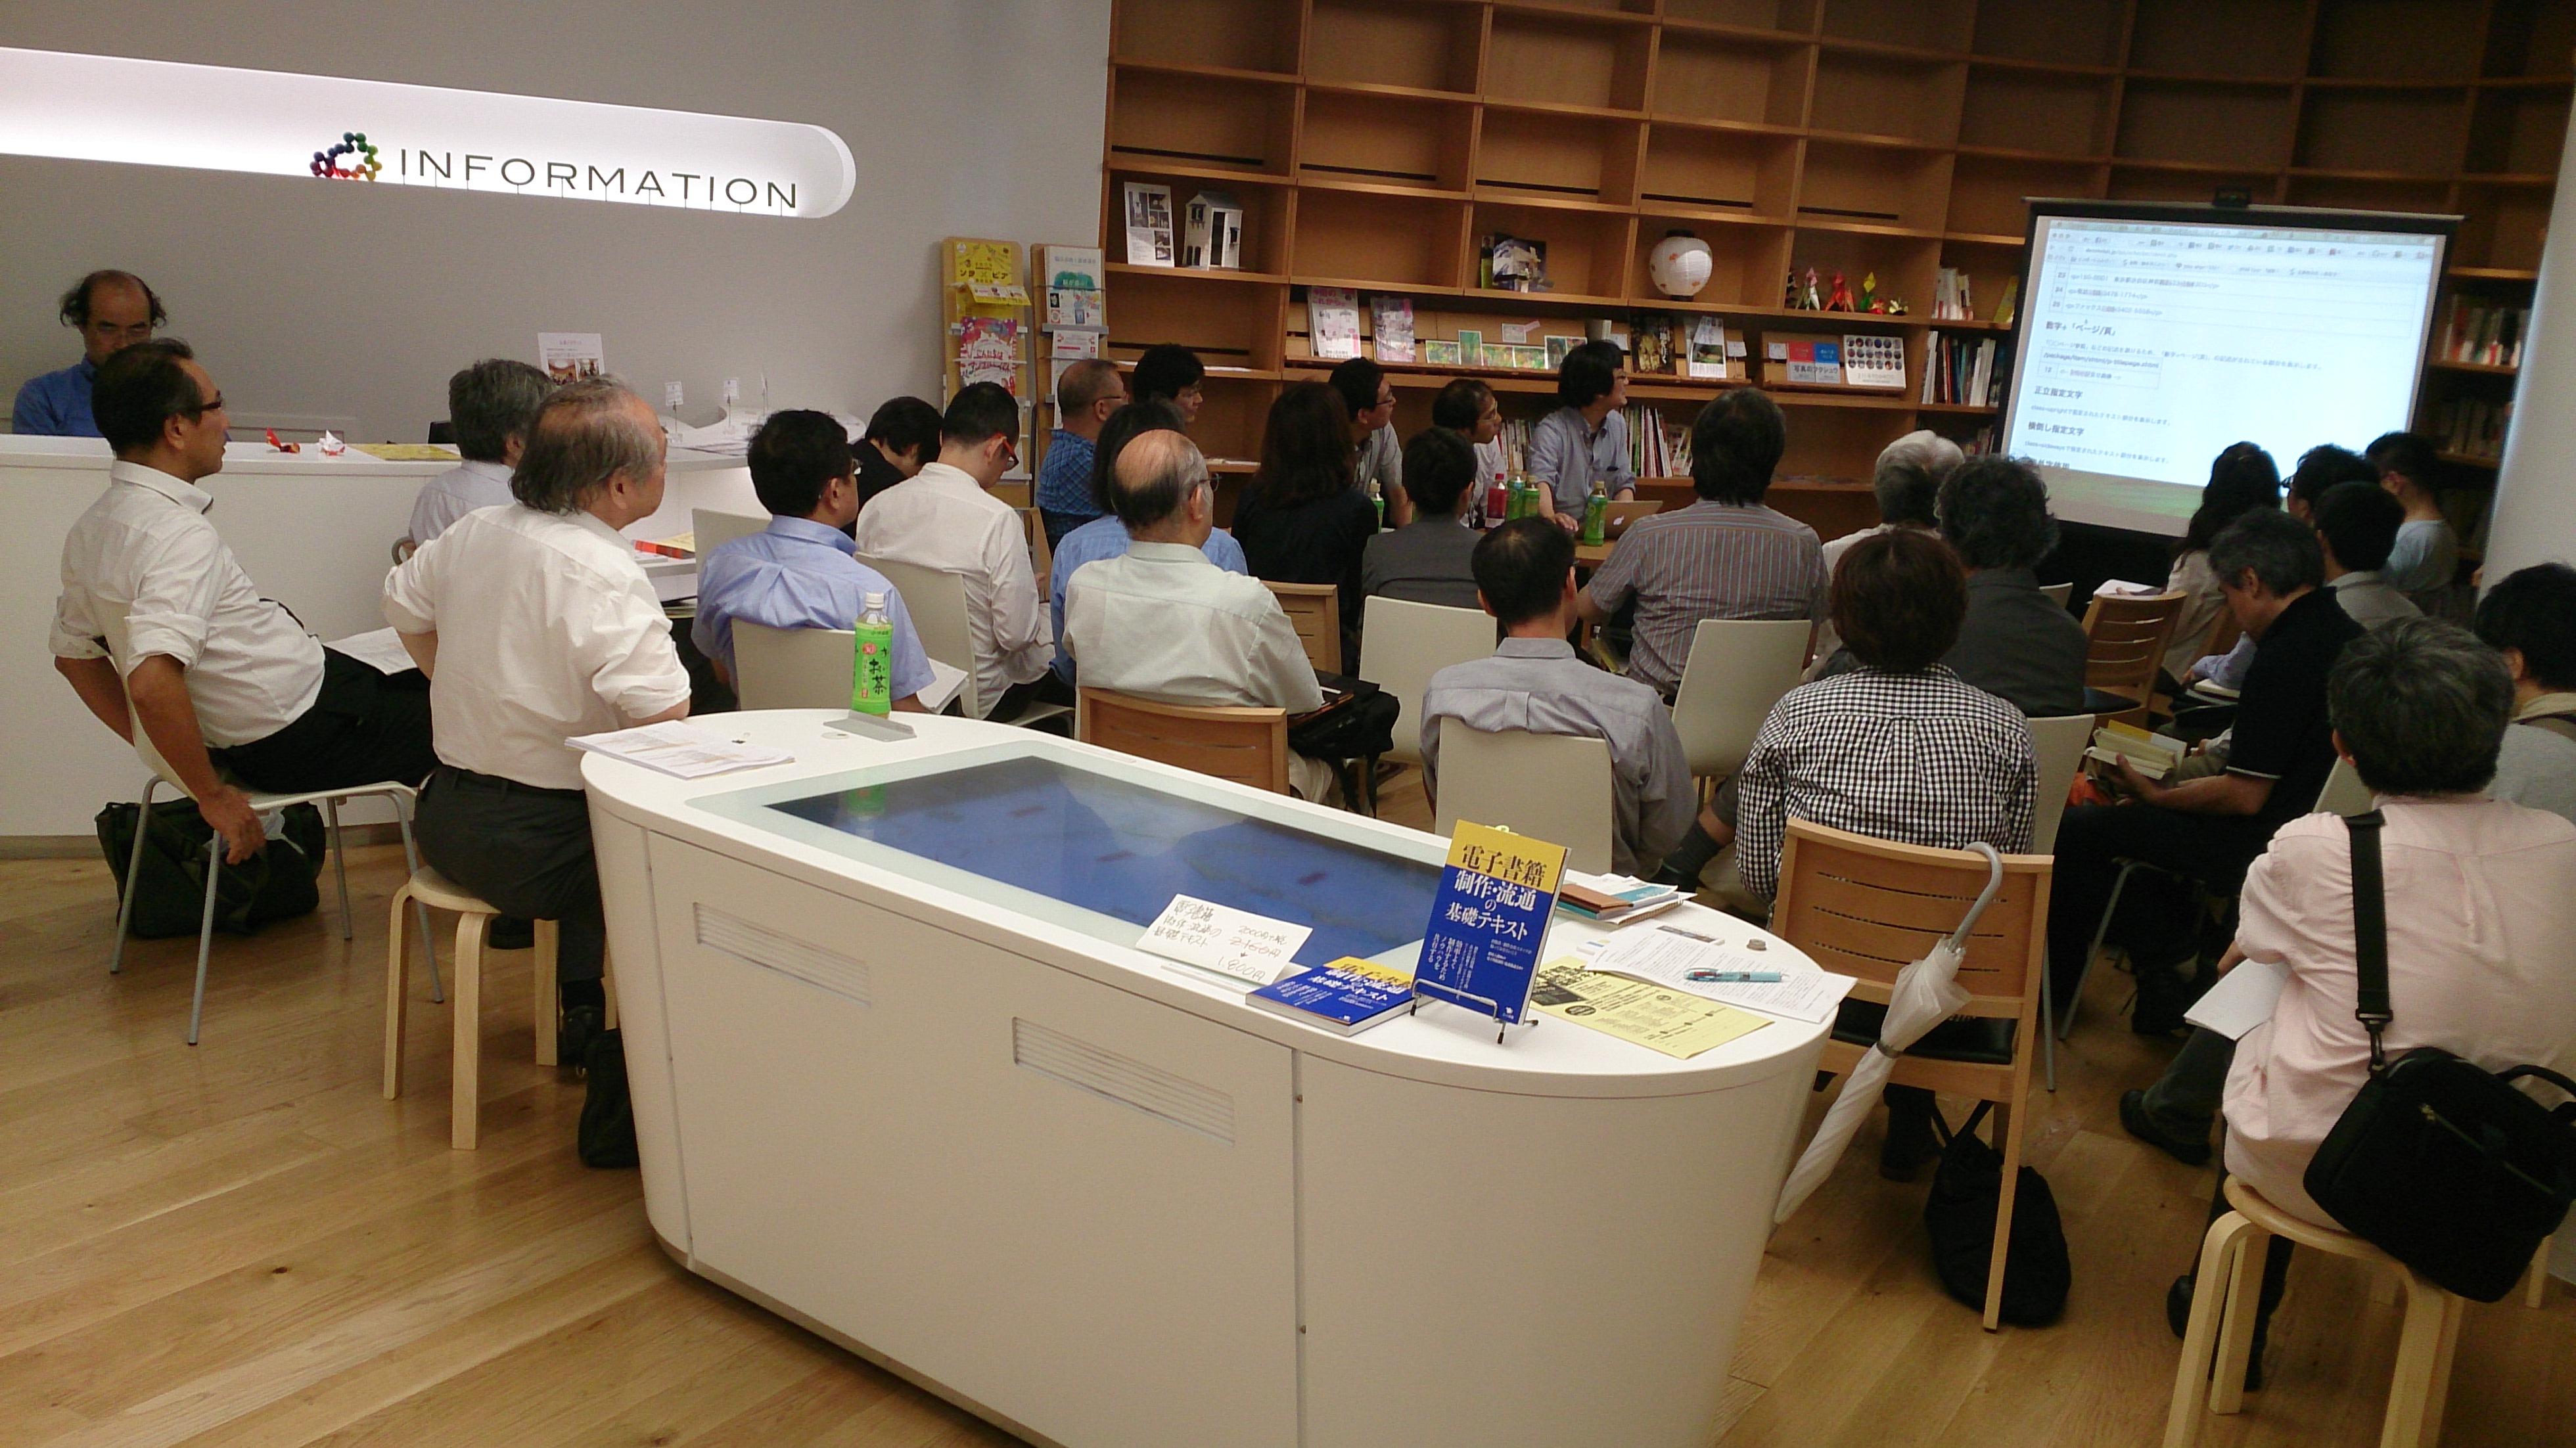 2014/07/10電書ラボ公開研究会